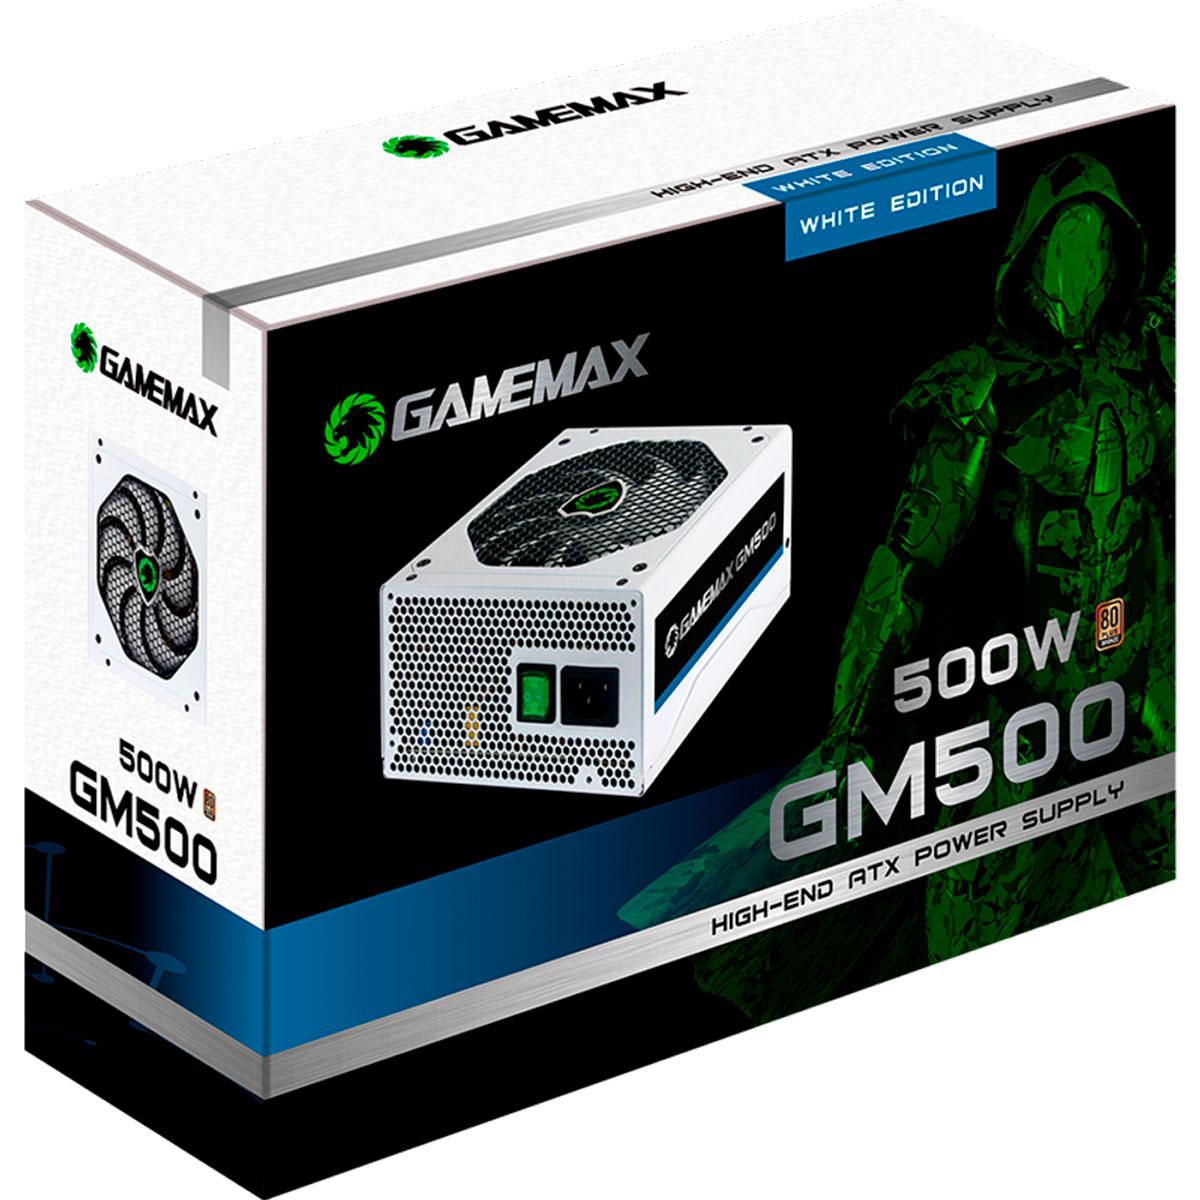 Fonte Alimentação Gamer ATX Gamemax 500W Real GM500 80 Plus Bronze Branca